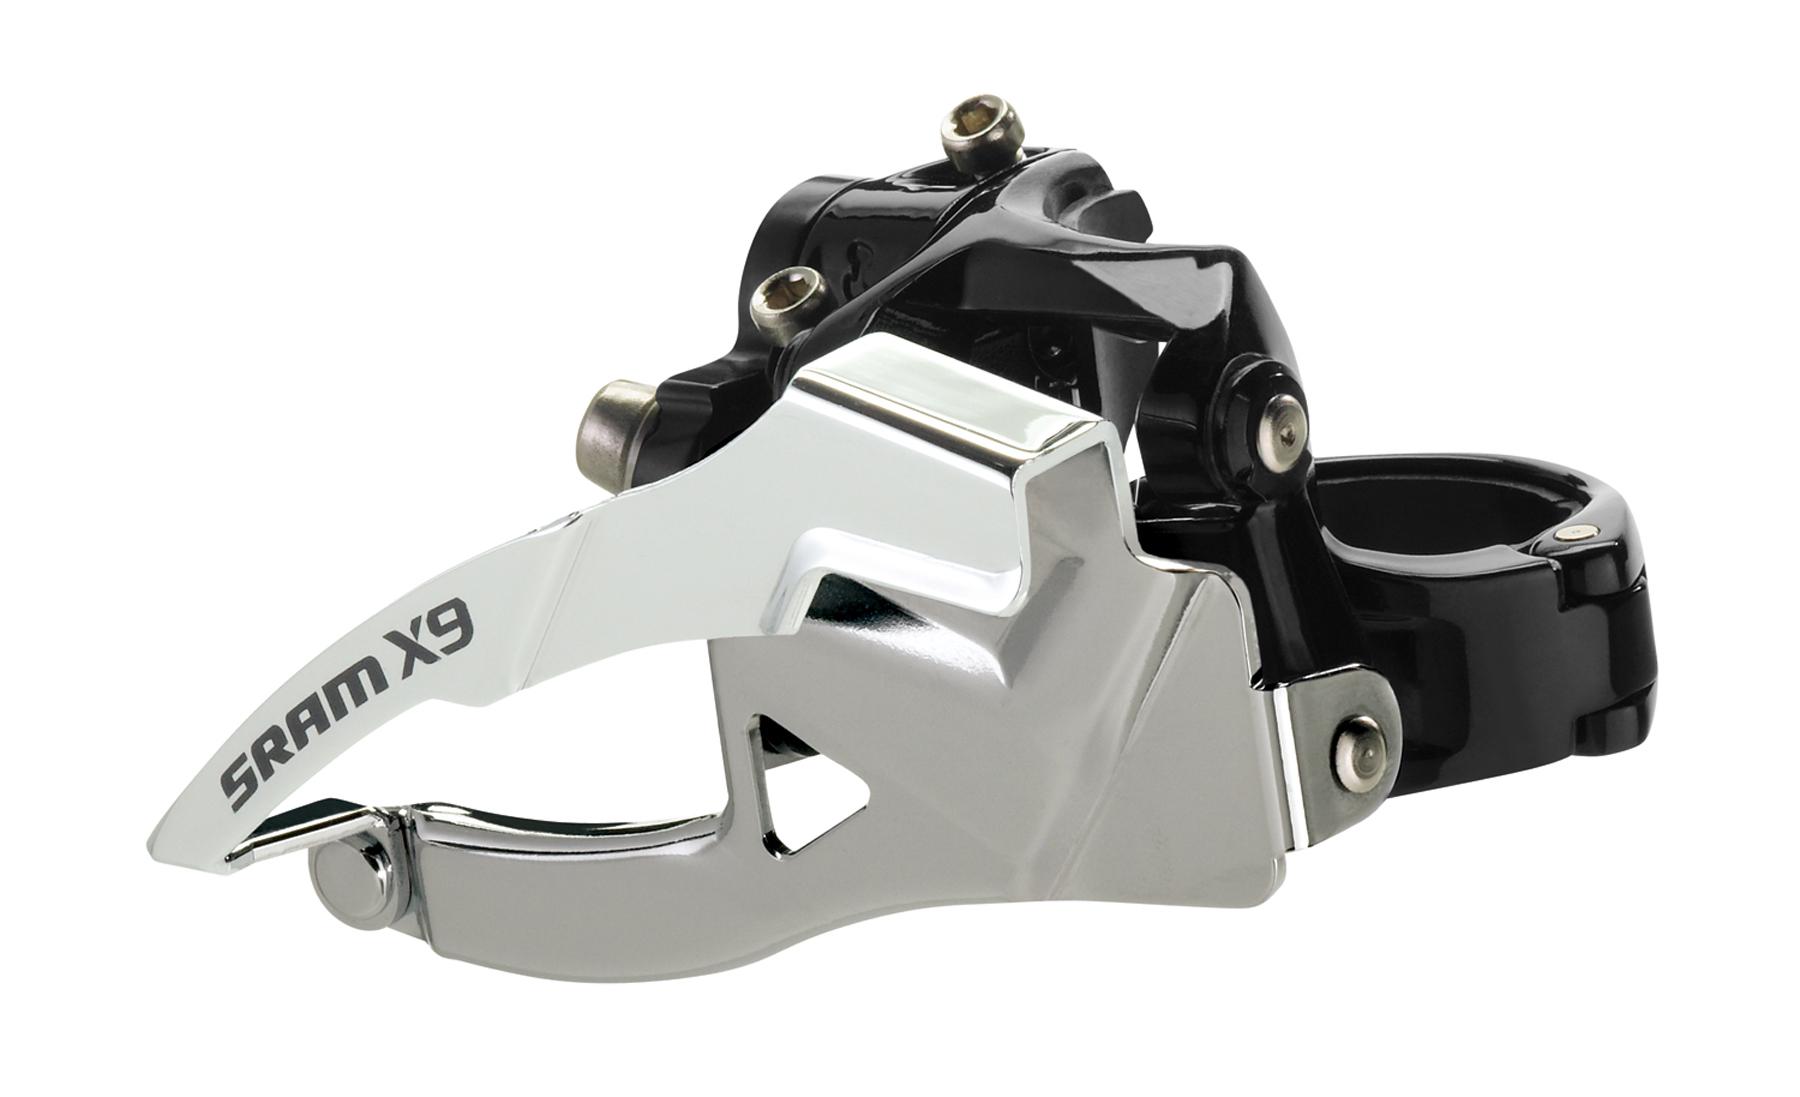 SRAM Front derailleur X9 Low clamp Ø31,8/34,9 mm 2x10 speed Bottom pull | Front derailleur